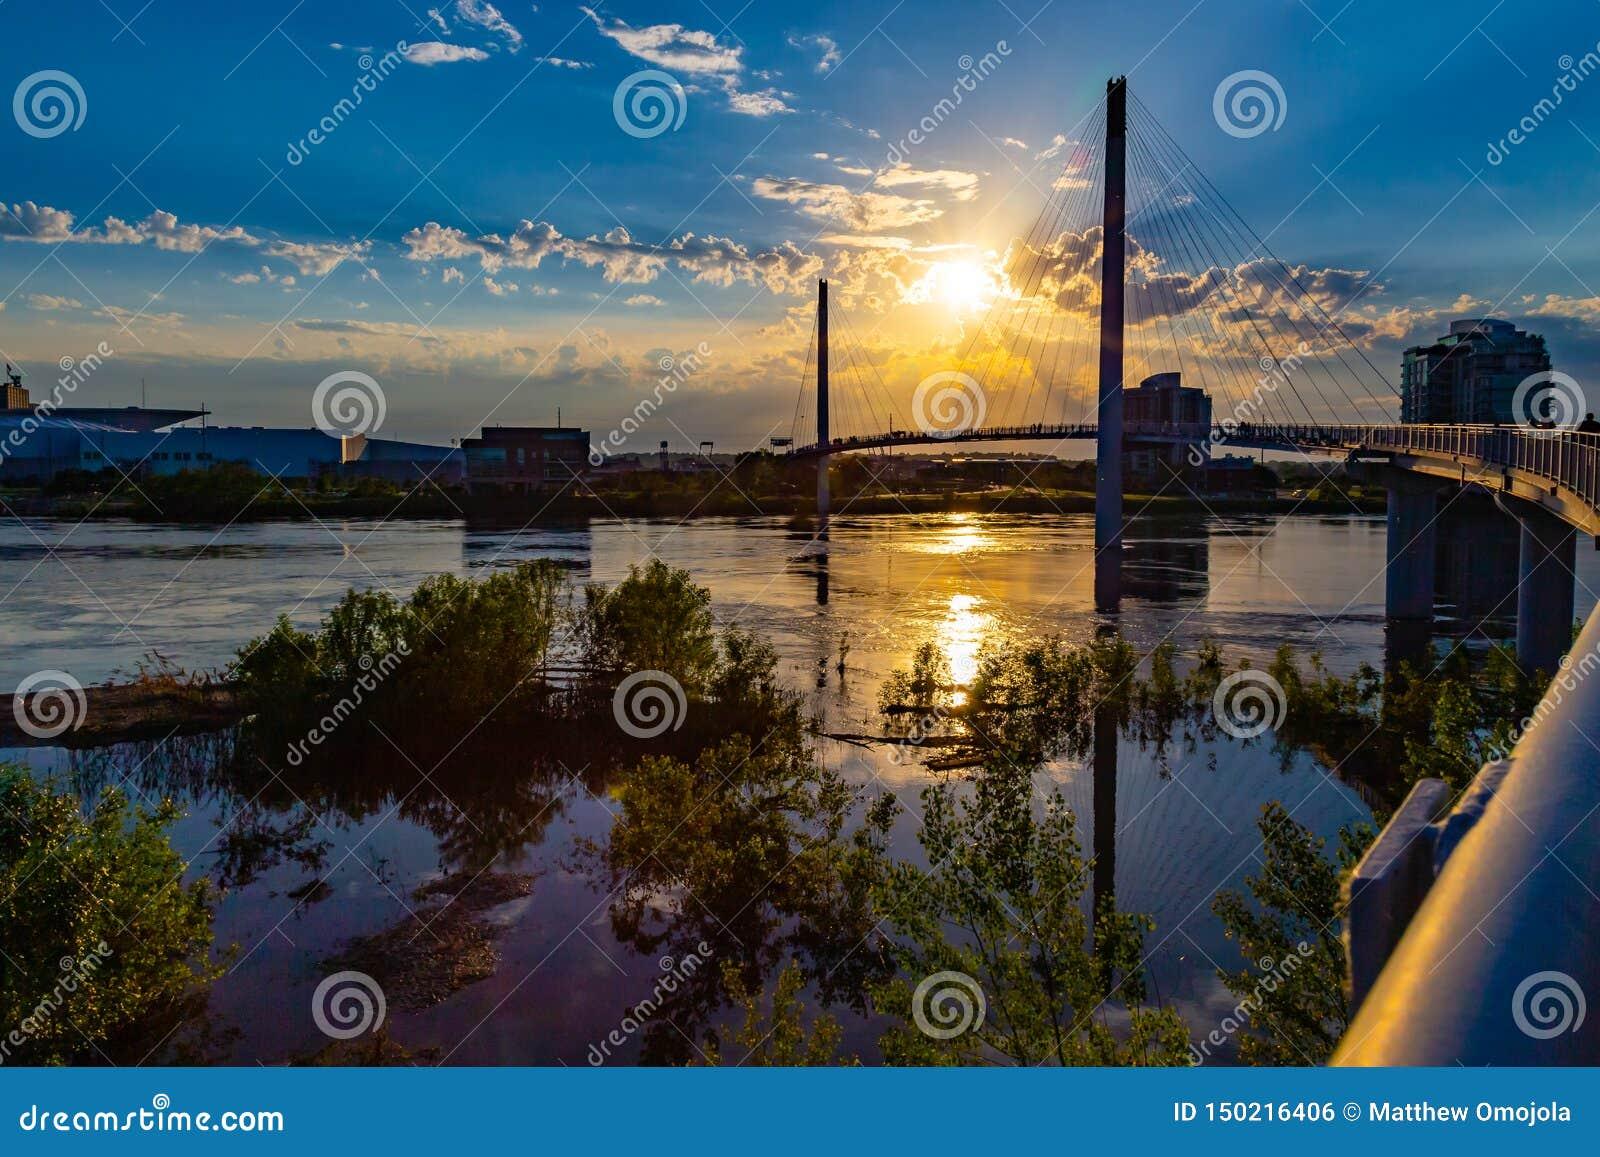 在鲍伯克里步行桥的日落和奥马哈河边区的圆鼓的密苏里河